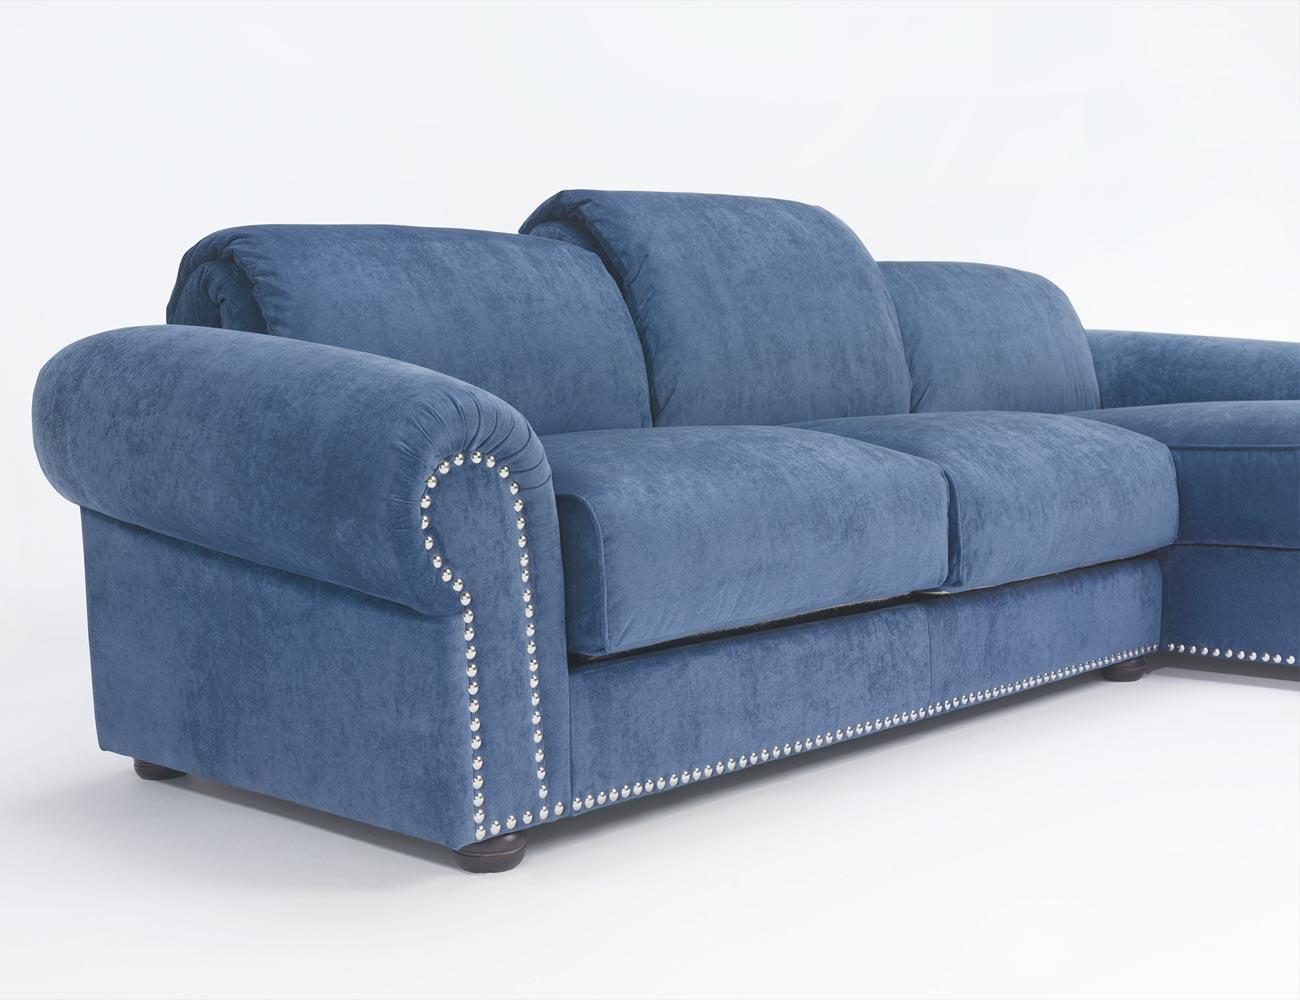 Sofa chaiselongue gran lujo decorativo azul 119